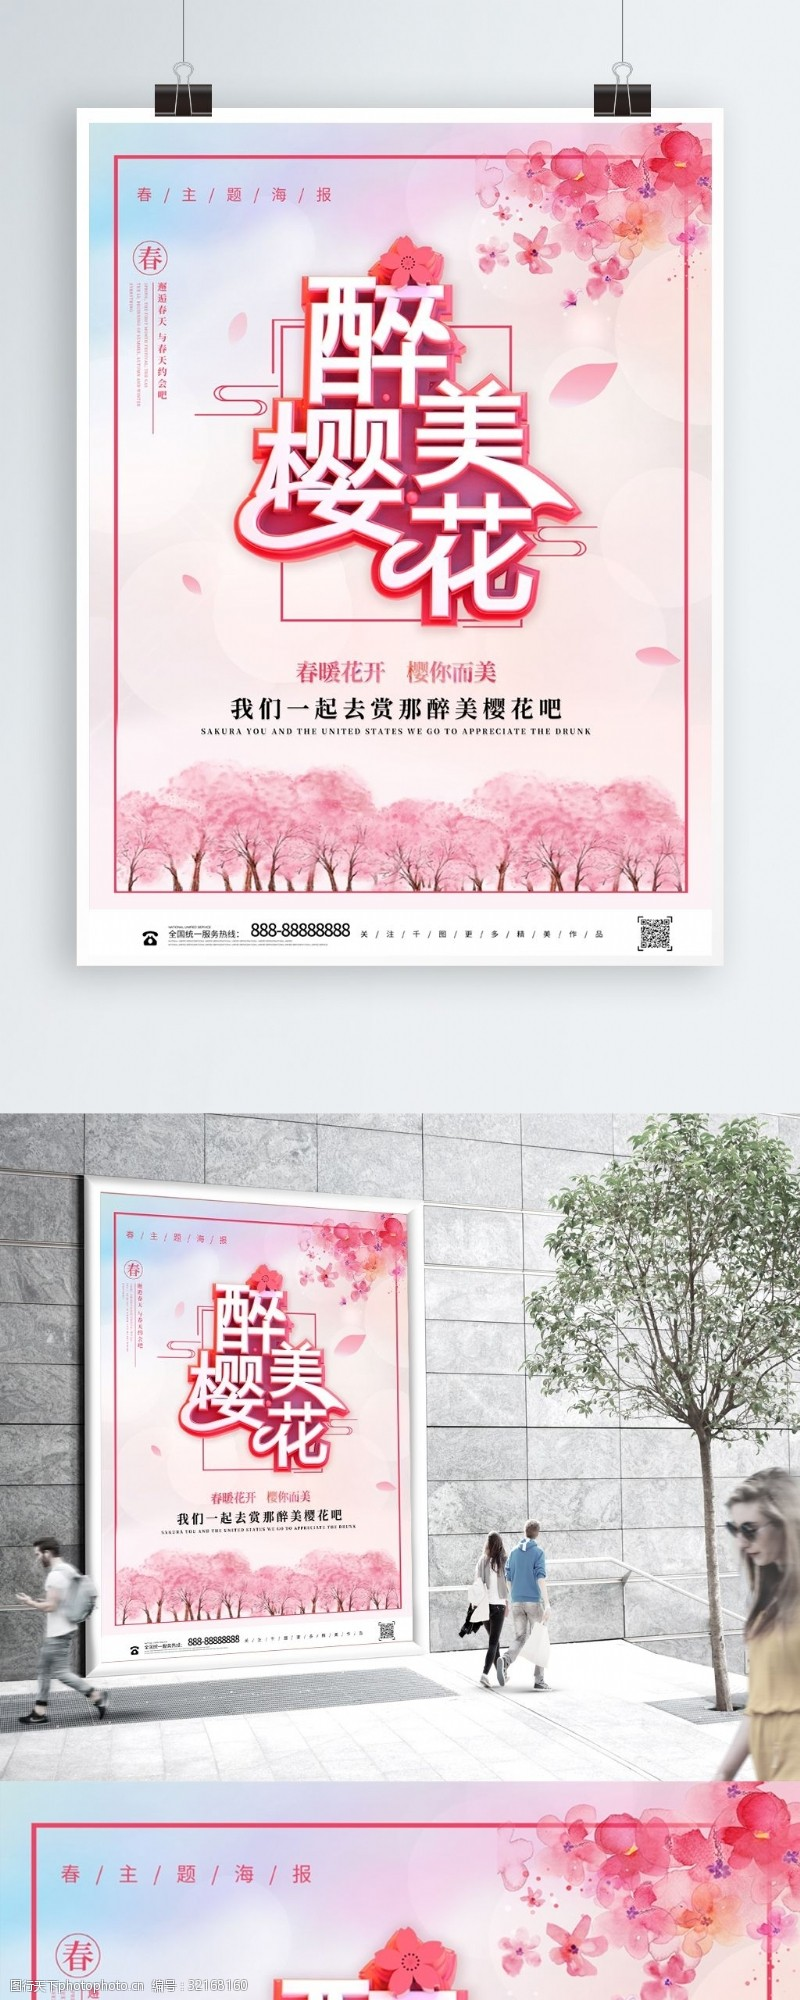 唯美创意醉美樱花春季主题海报